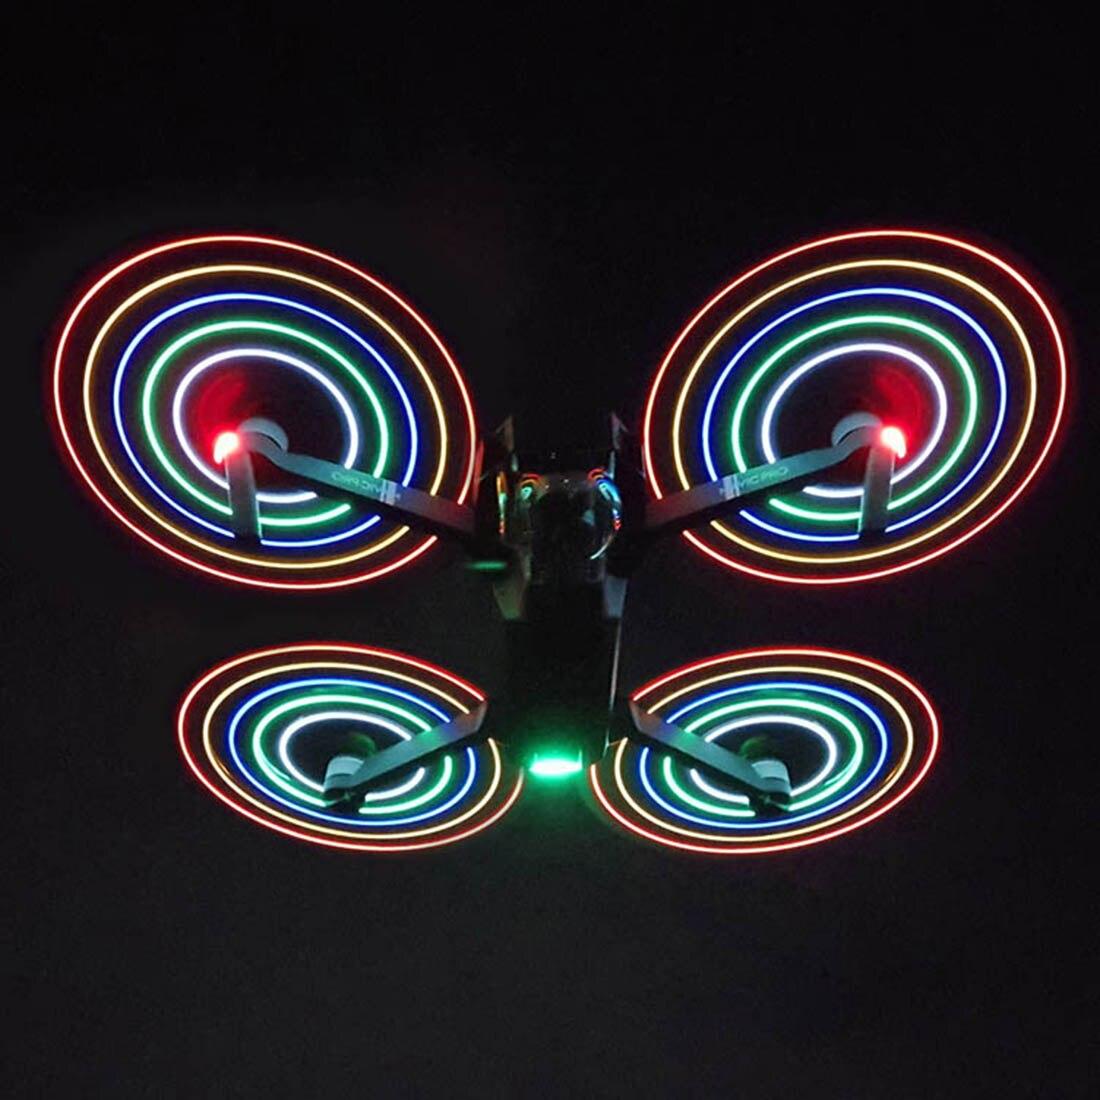 Hobbyinrc 1/2 pair hélices led lâminas de liberação rápida de baixo nível de ruído para dji mavic pro/platinum/alpine/mavic 2 pro/mavic 2 zoom